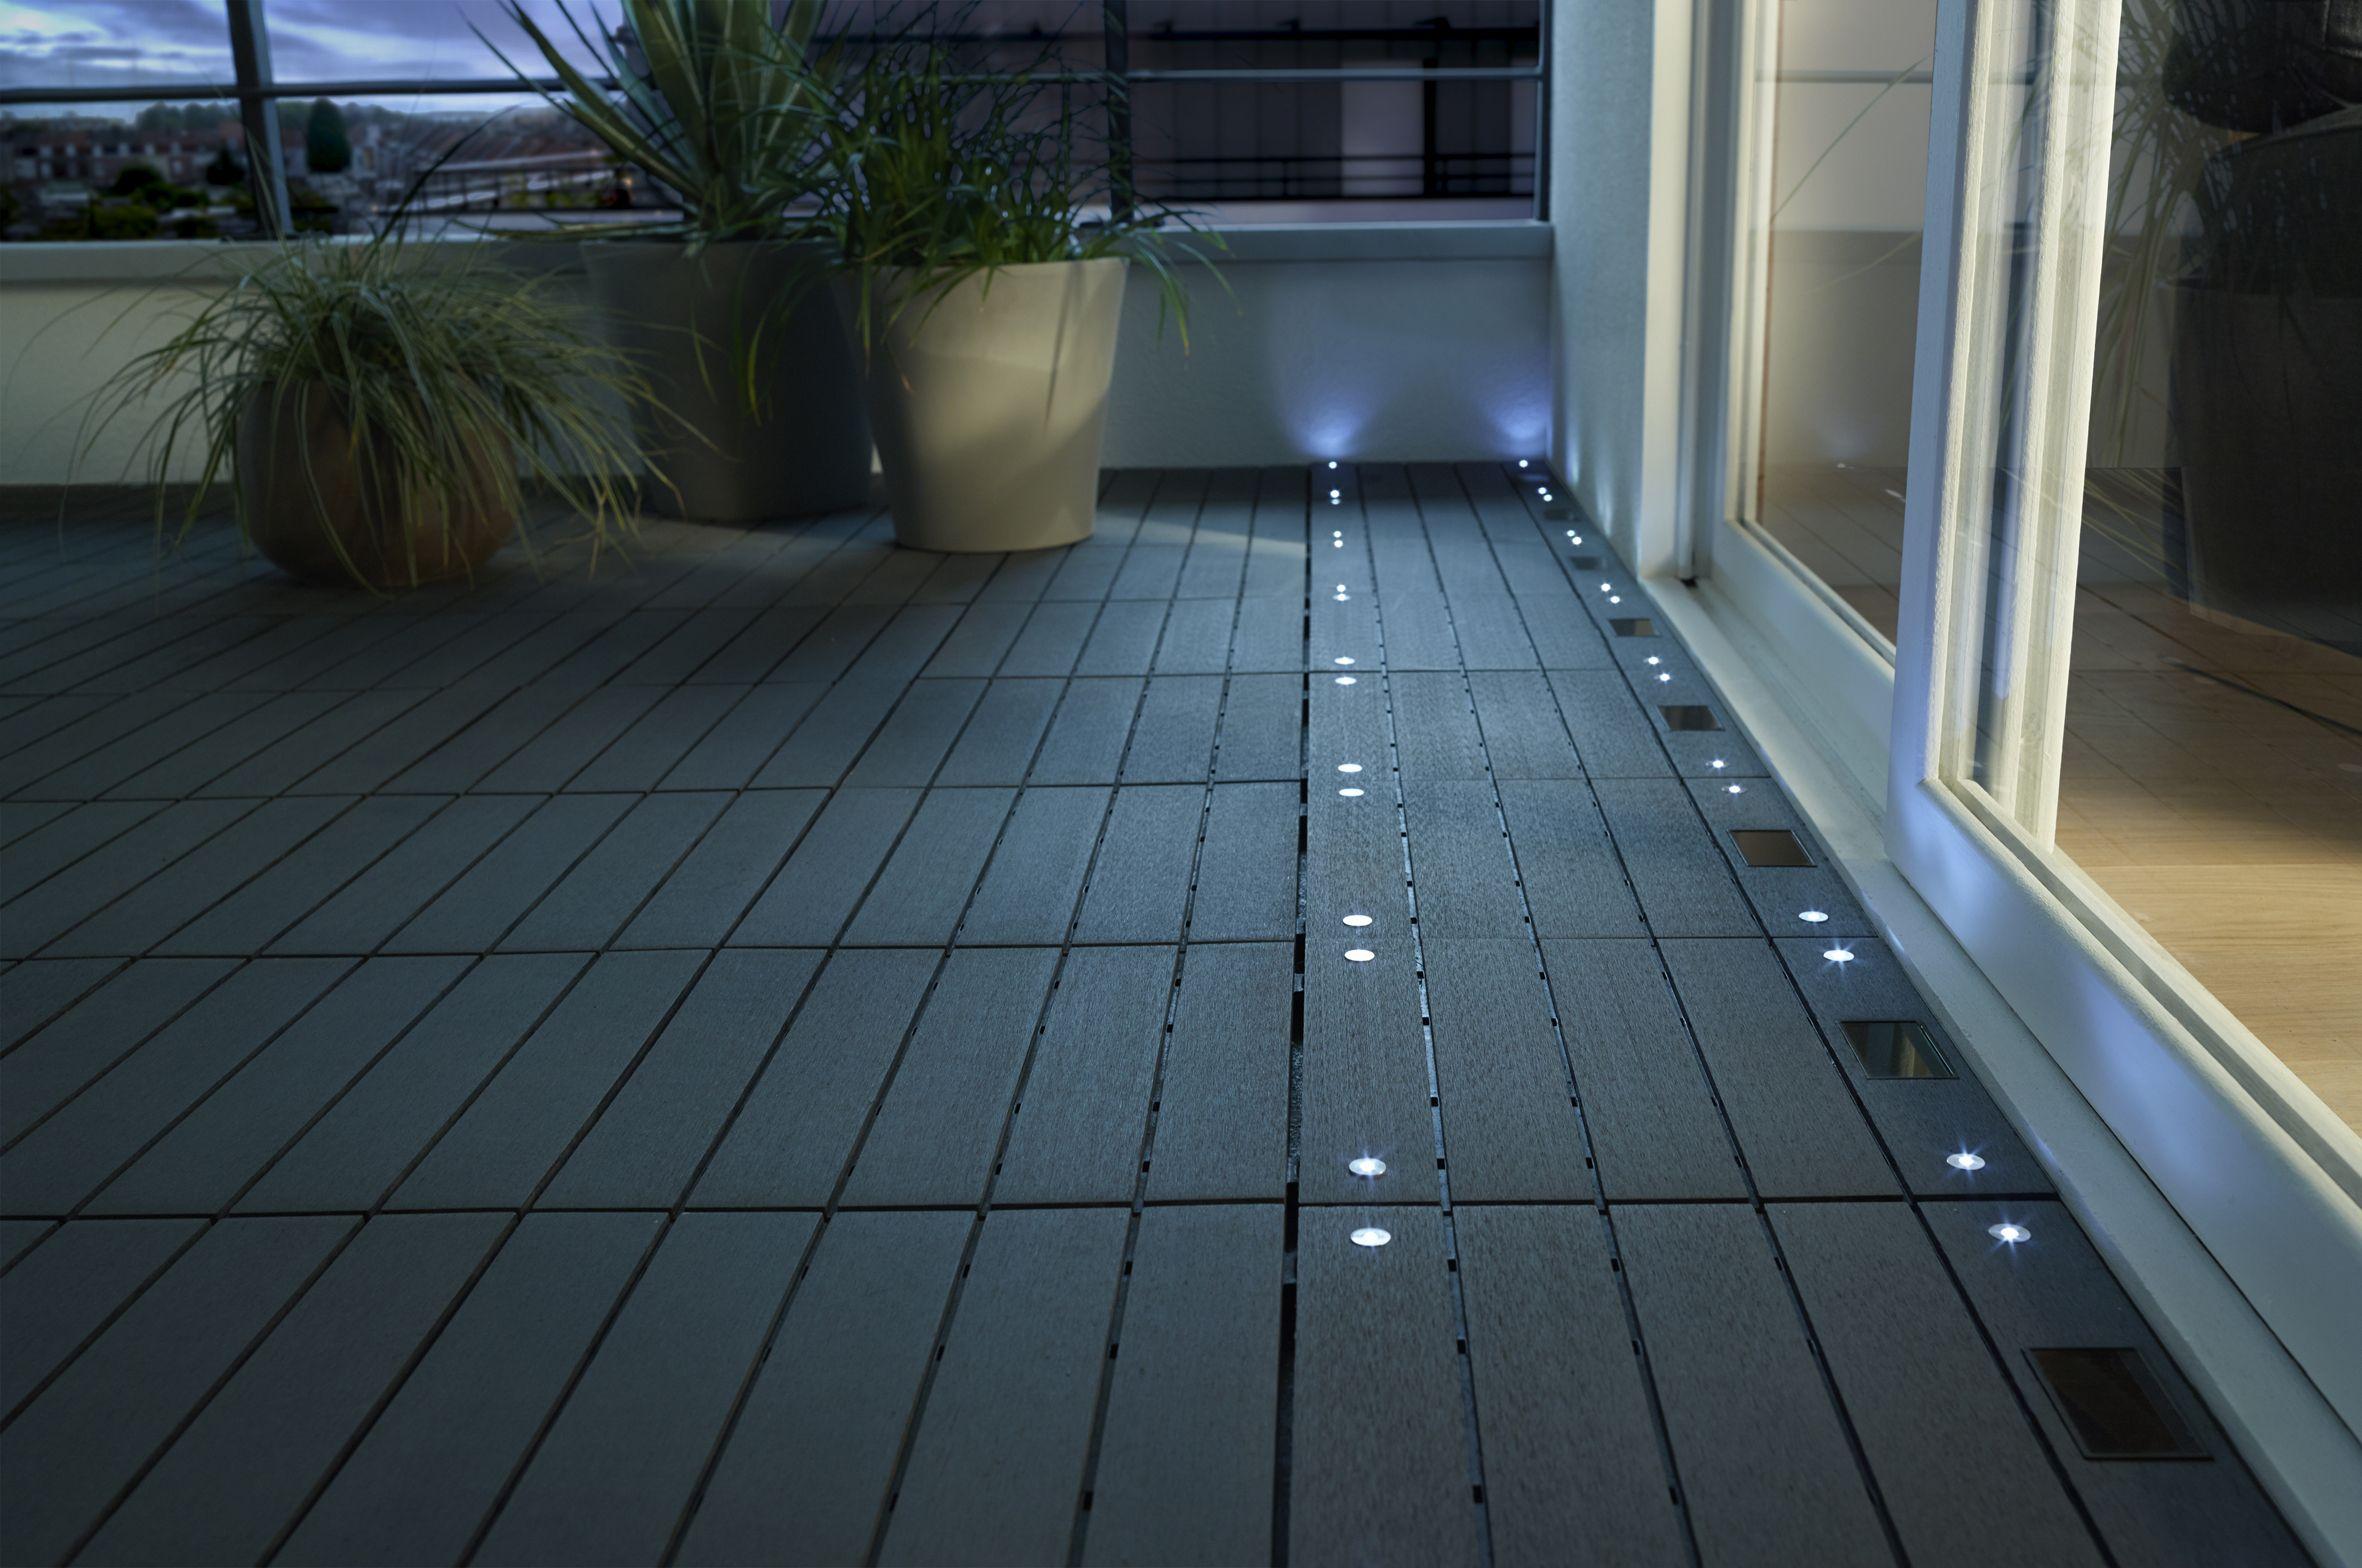 Dalle Balcon Emboitable Composite Avec Led Blooma 30 X 30 Cm Eclairage Exterieur